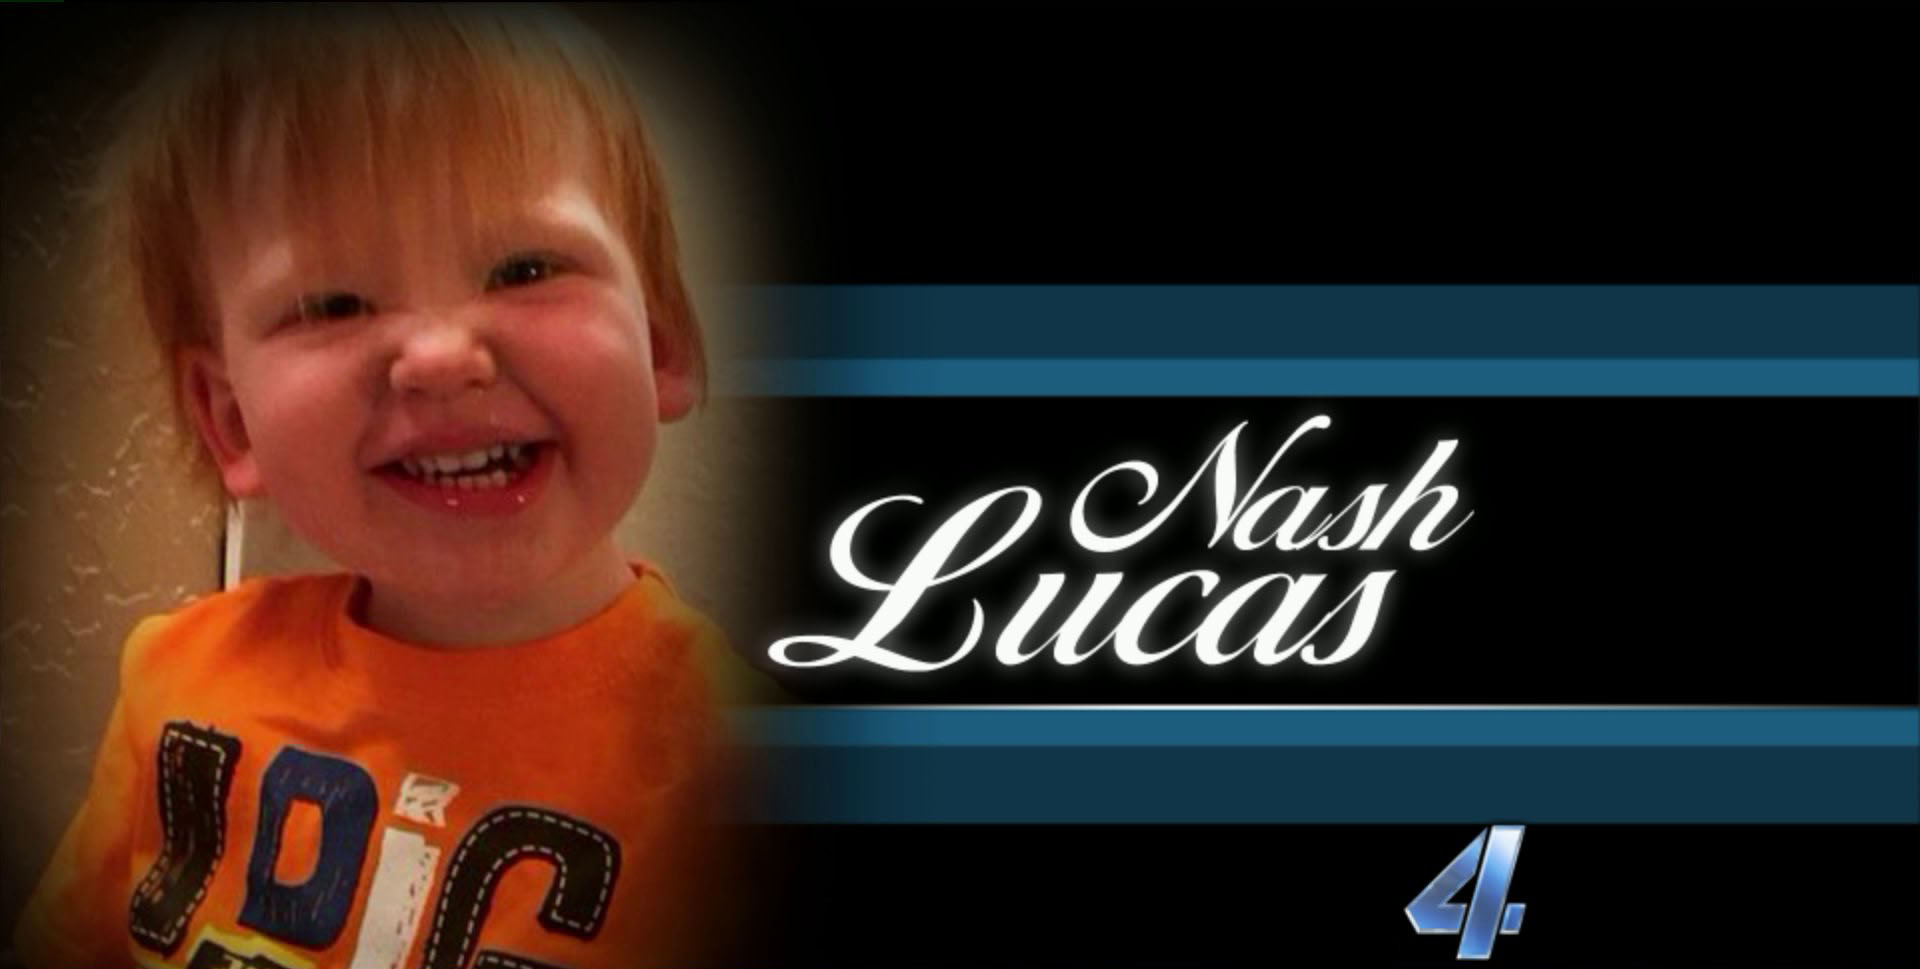 Nash Lucas